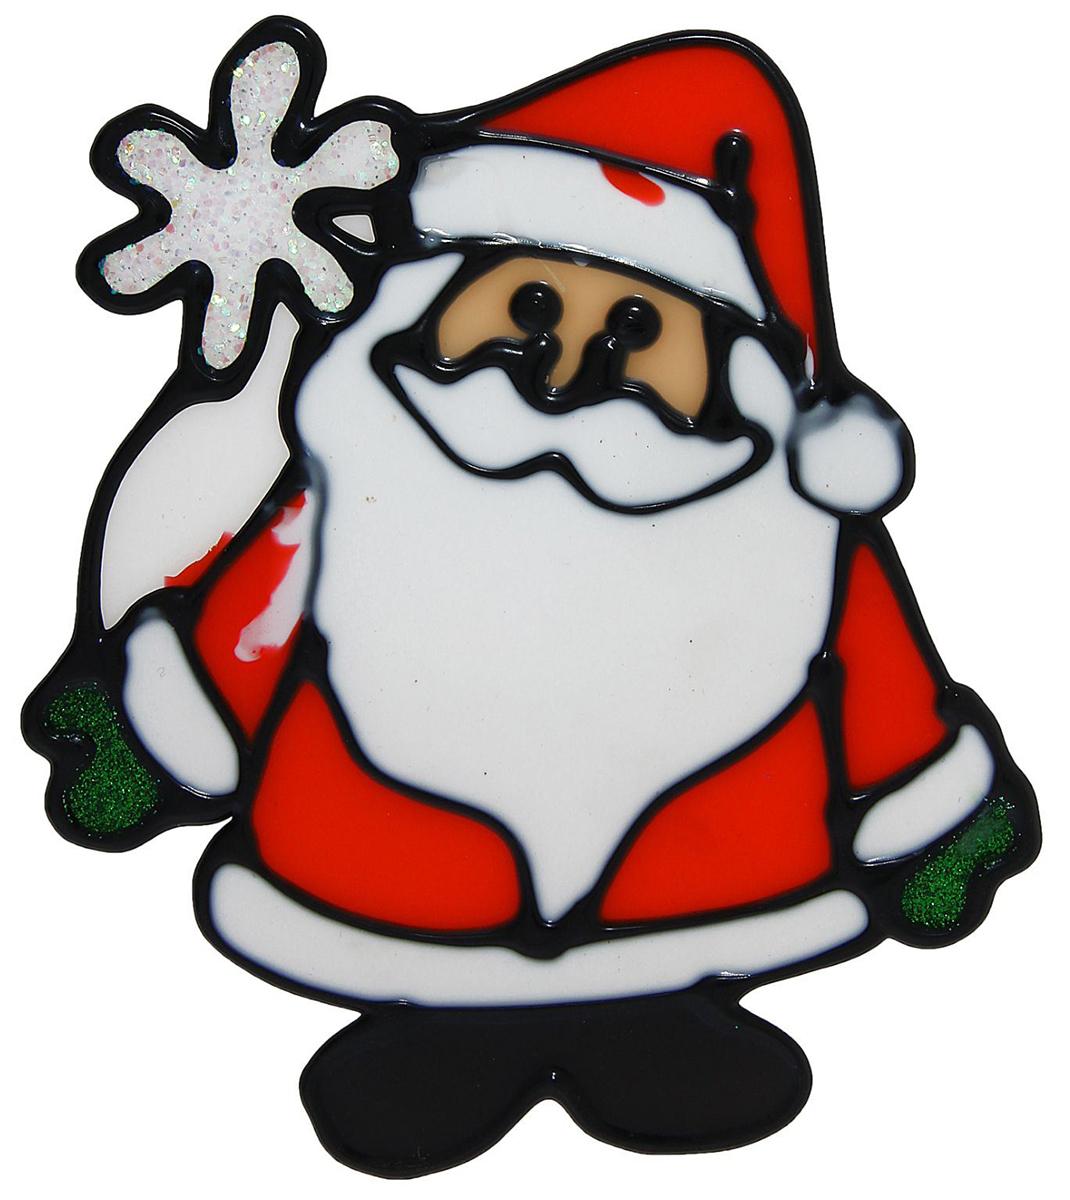 Украшение новогоднее оконное NoName Дед Мороз с ромашкой, 11,5 х 13 см1113554Новогоднее оконное украшение NoName Дед Мороз с ромашкой поможет украсить дом к предстоящим праздникам. Яркая наклейка крепится к гладкой поверхности стекла посредством статического эффекта. С помощью такого украшения вы сможете оживить интерьер по своему вкусу.Новогодние украшения всегда несут в себе волшебство и красоту праздника. Создайте в своем доме атмосферу тепла, веселья и радости, украшая его всей семьей.